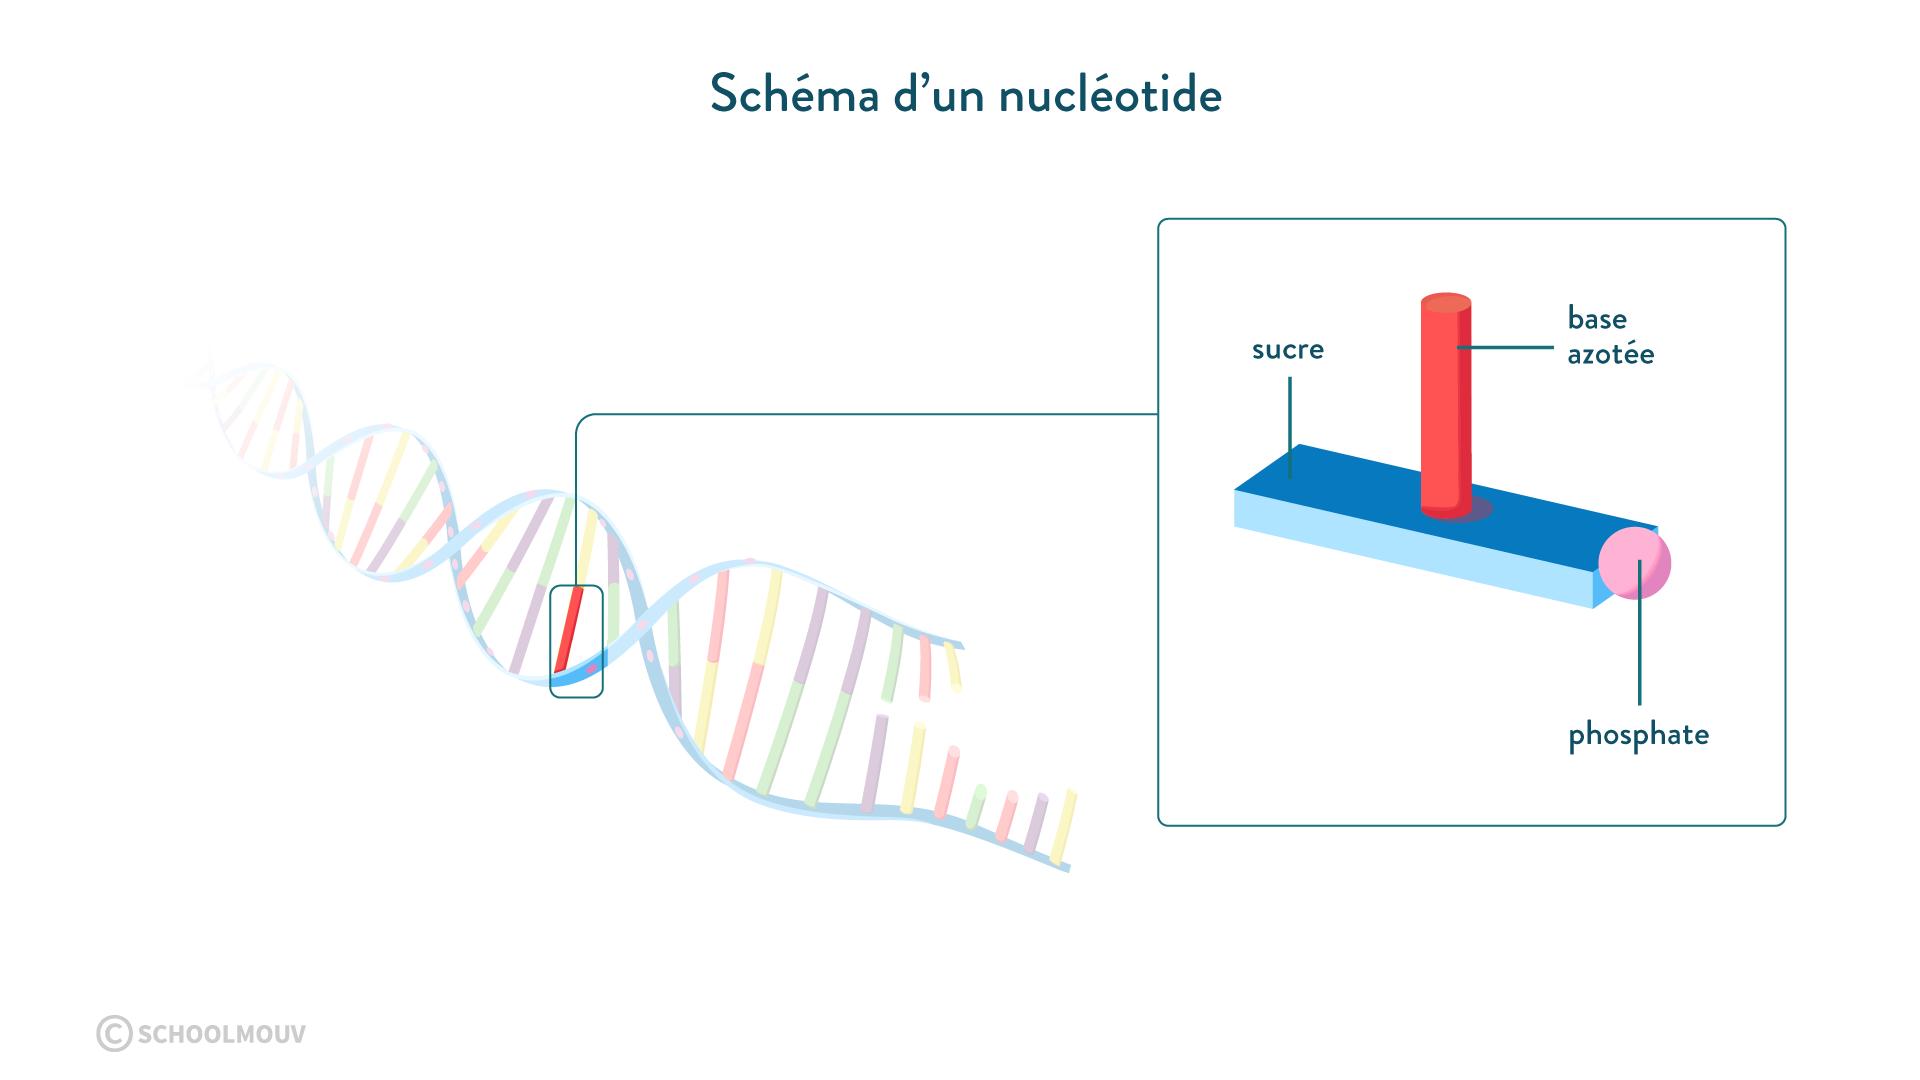 Schéma d'un nucléotide